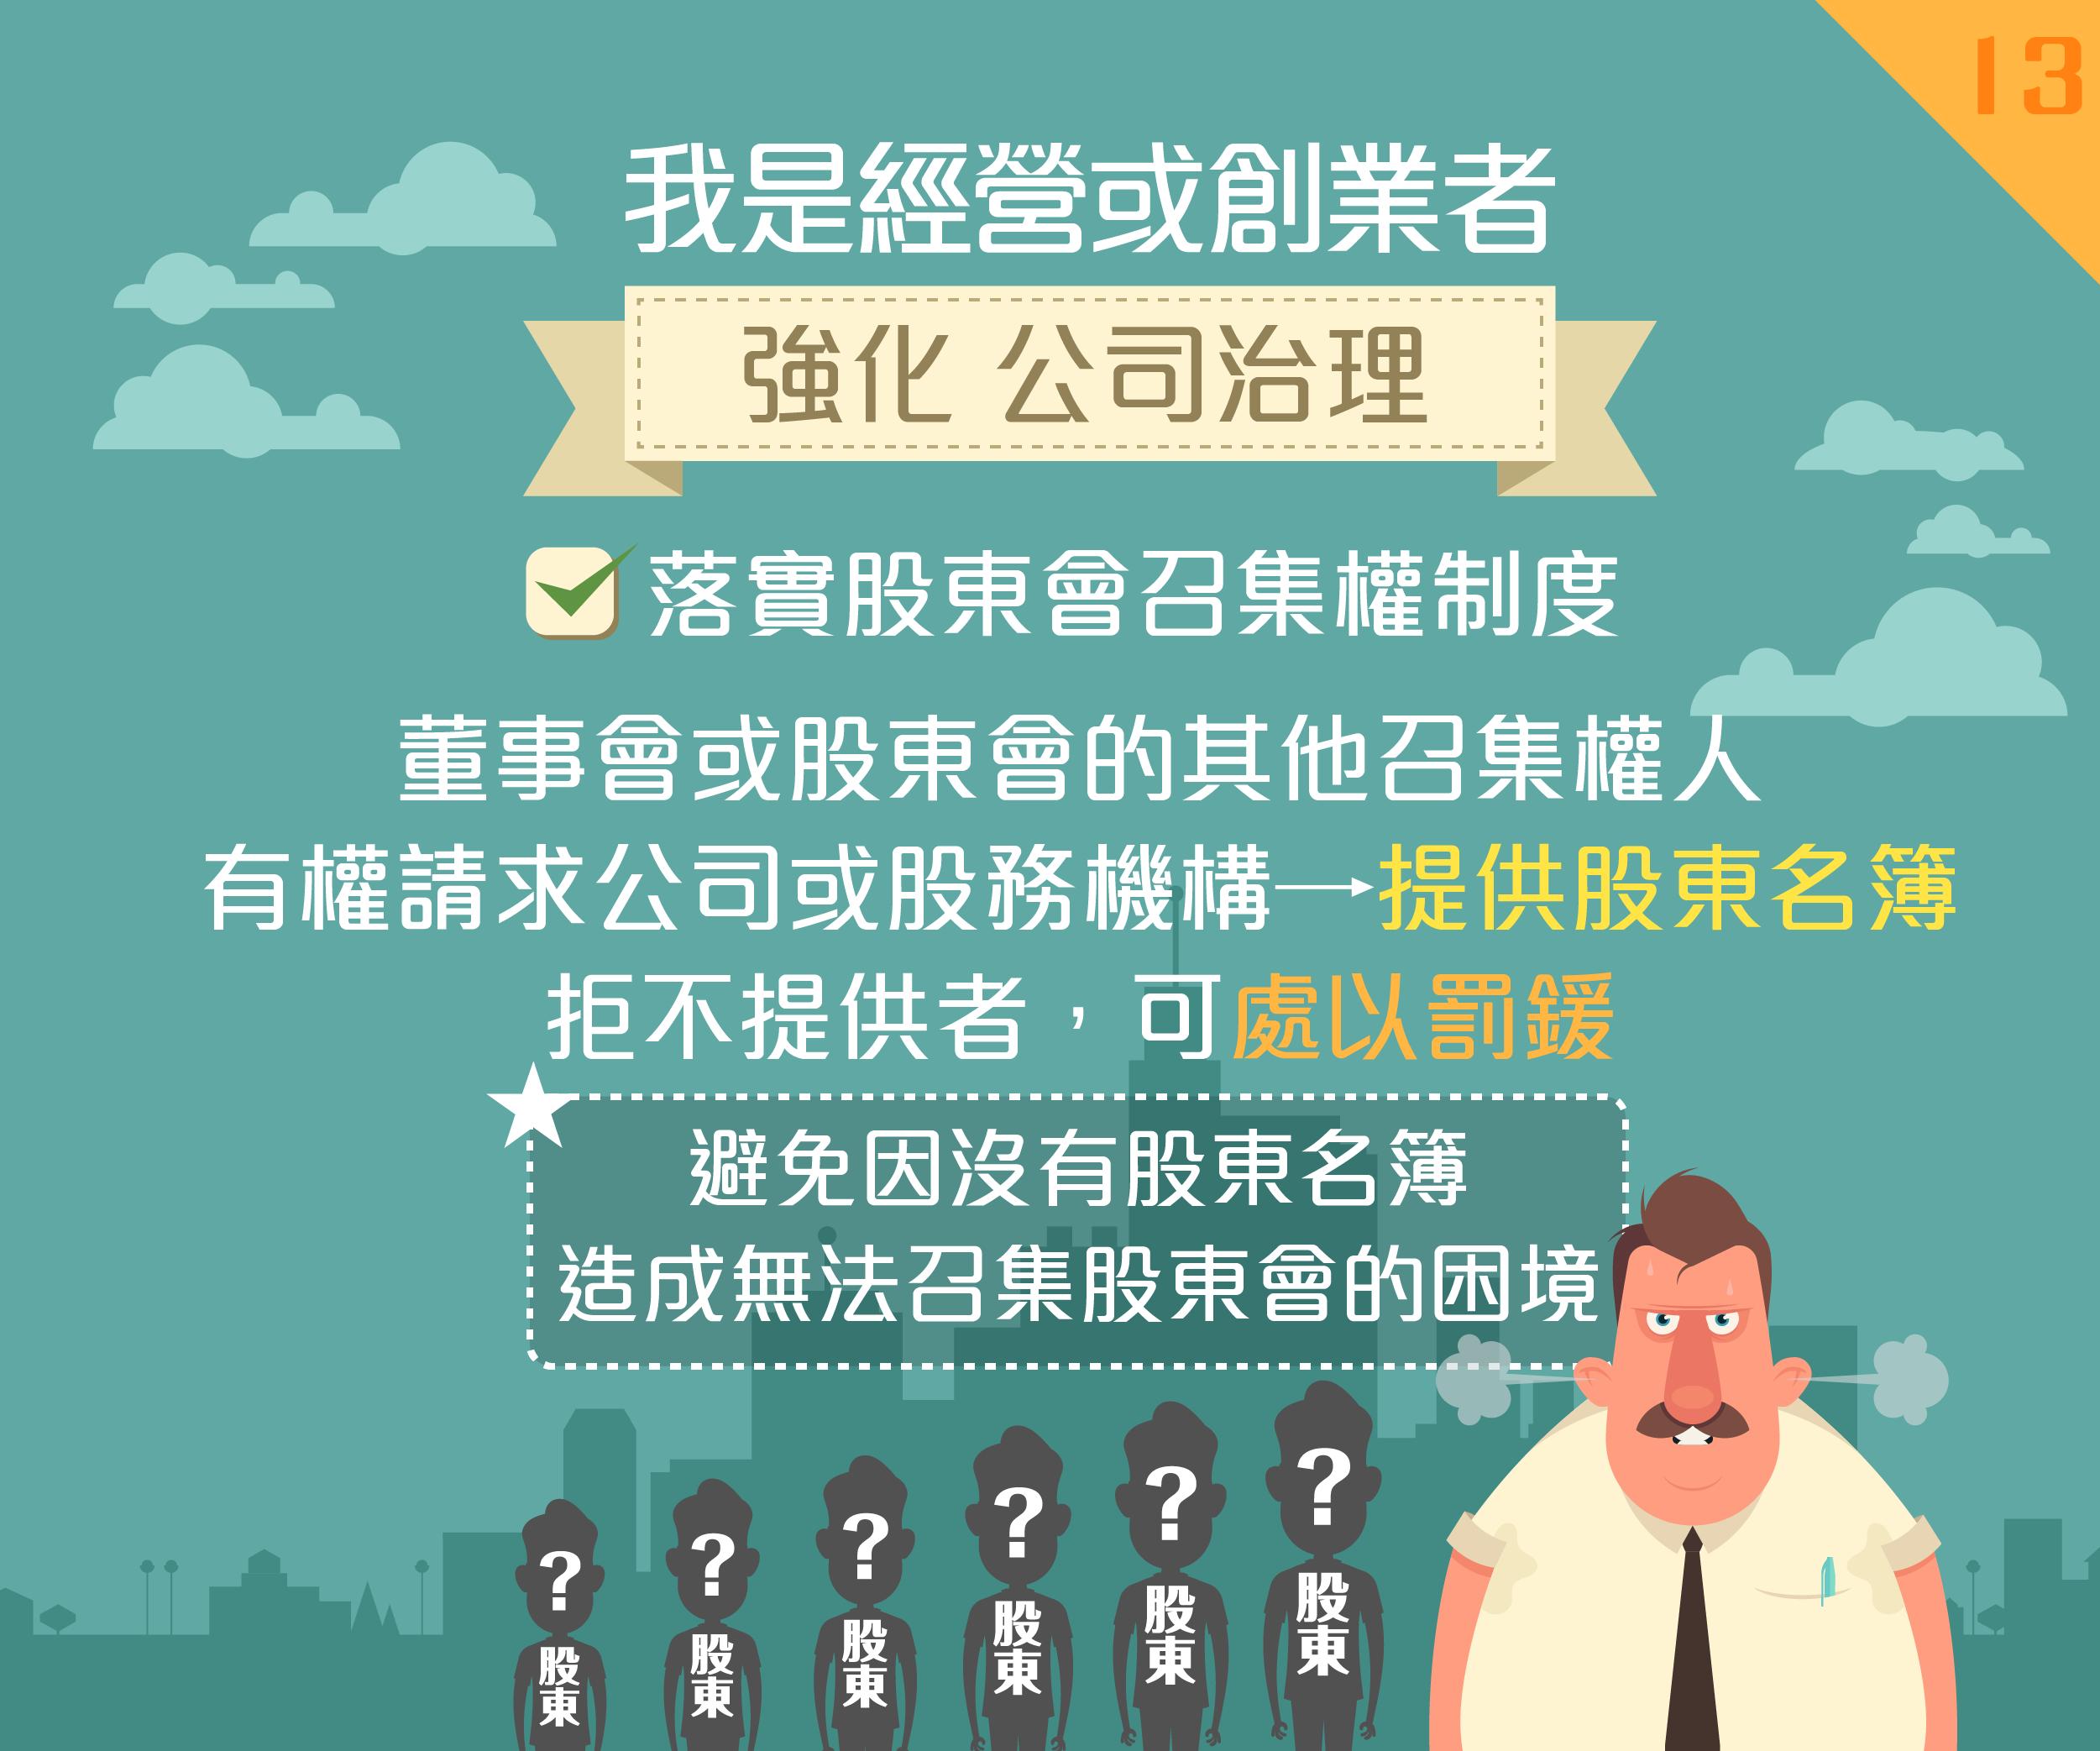 公司法懶人包修改2018-0827-14